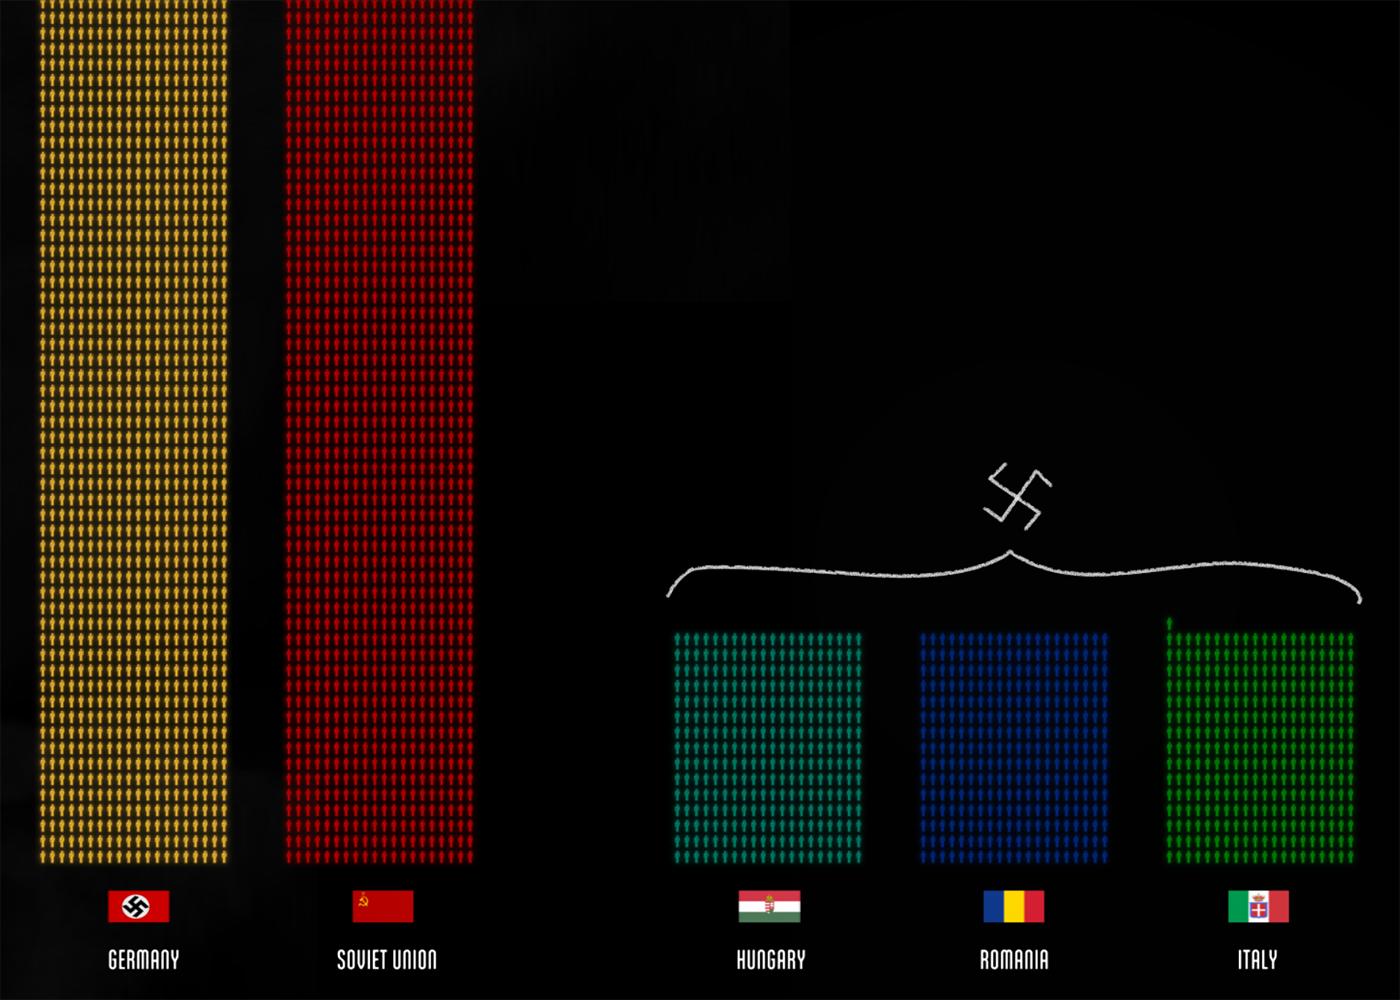 Алгоритм визуализации сложных данных - 11